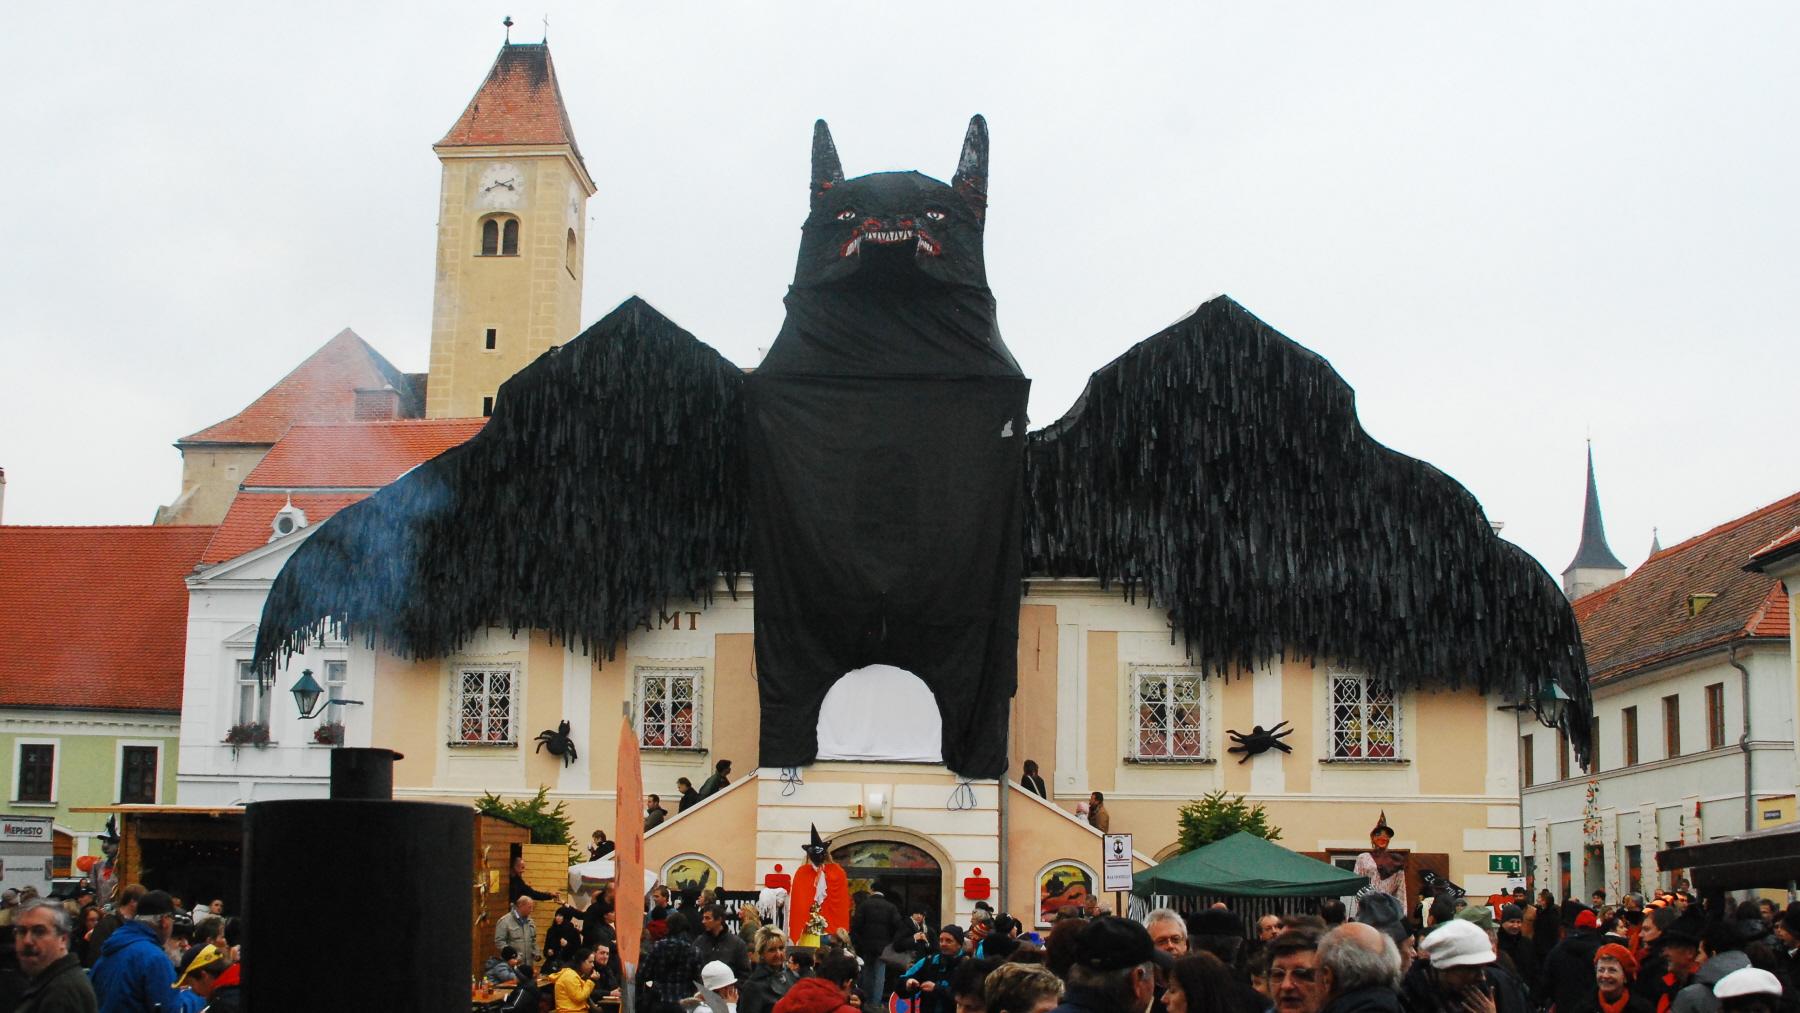 guentherz_2010-10-23_0104_pulkau_kuerbisfest_rathaus